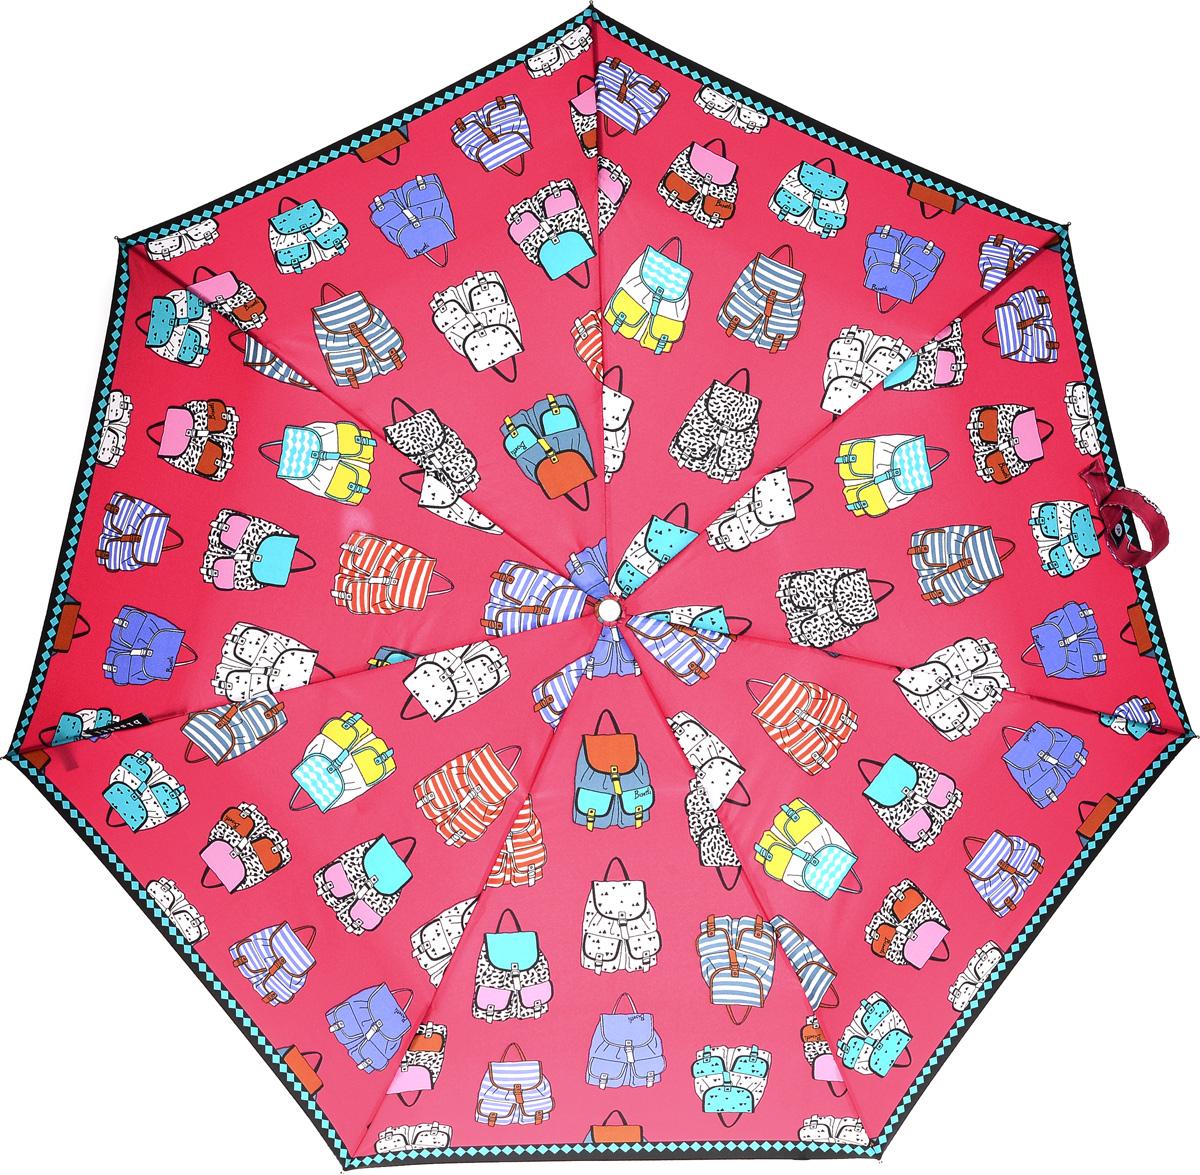 Bisetti 35165-1 Зонт полный автом. 3 сл. жен.35165-1Зонт испанского производителя Clima. В производстве зонтов используются современные материалы, что делает зонты легкими, но в то же время крепкими.Полный автомат, 3 сложения, 8 спиц по 54см, полиэстер.